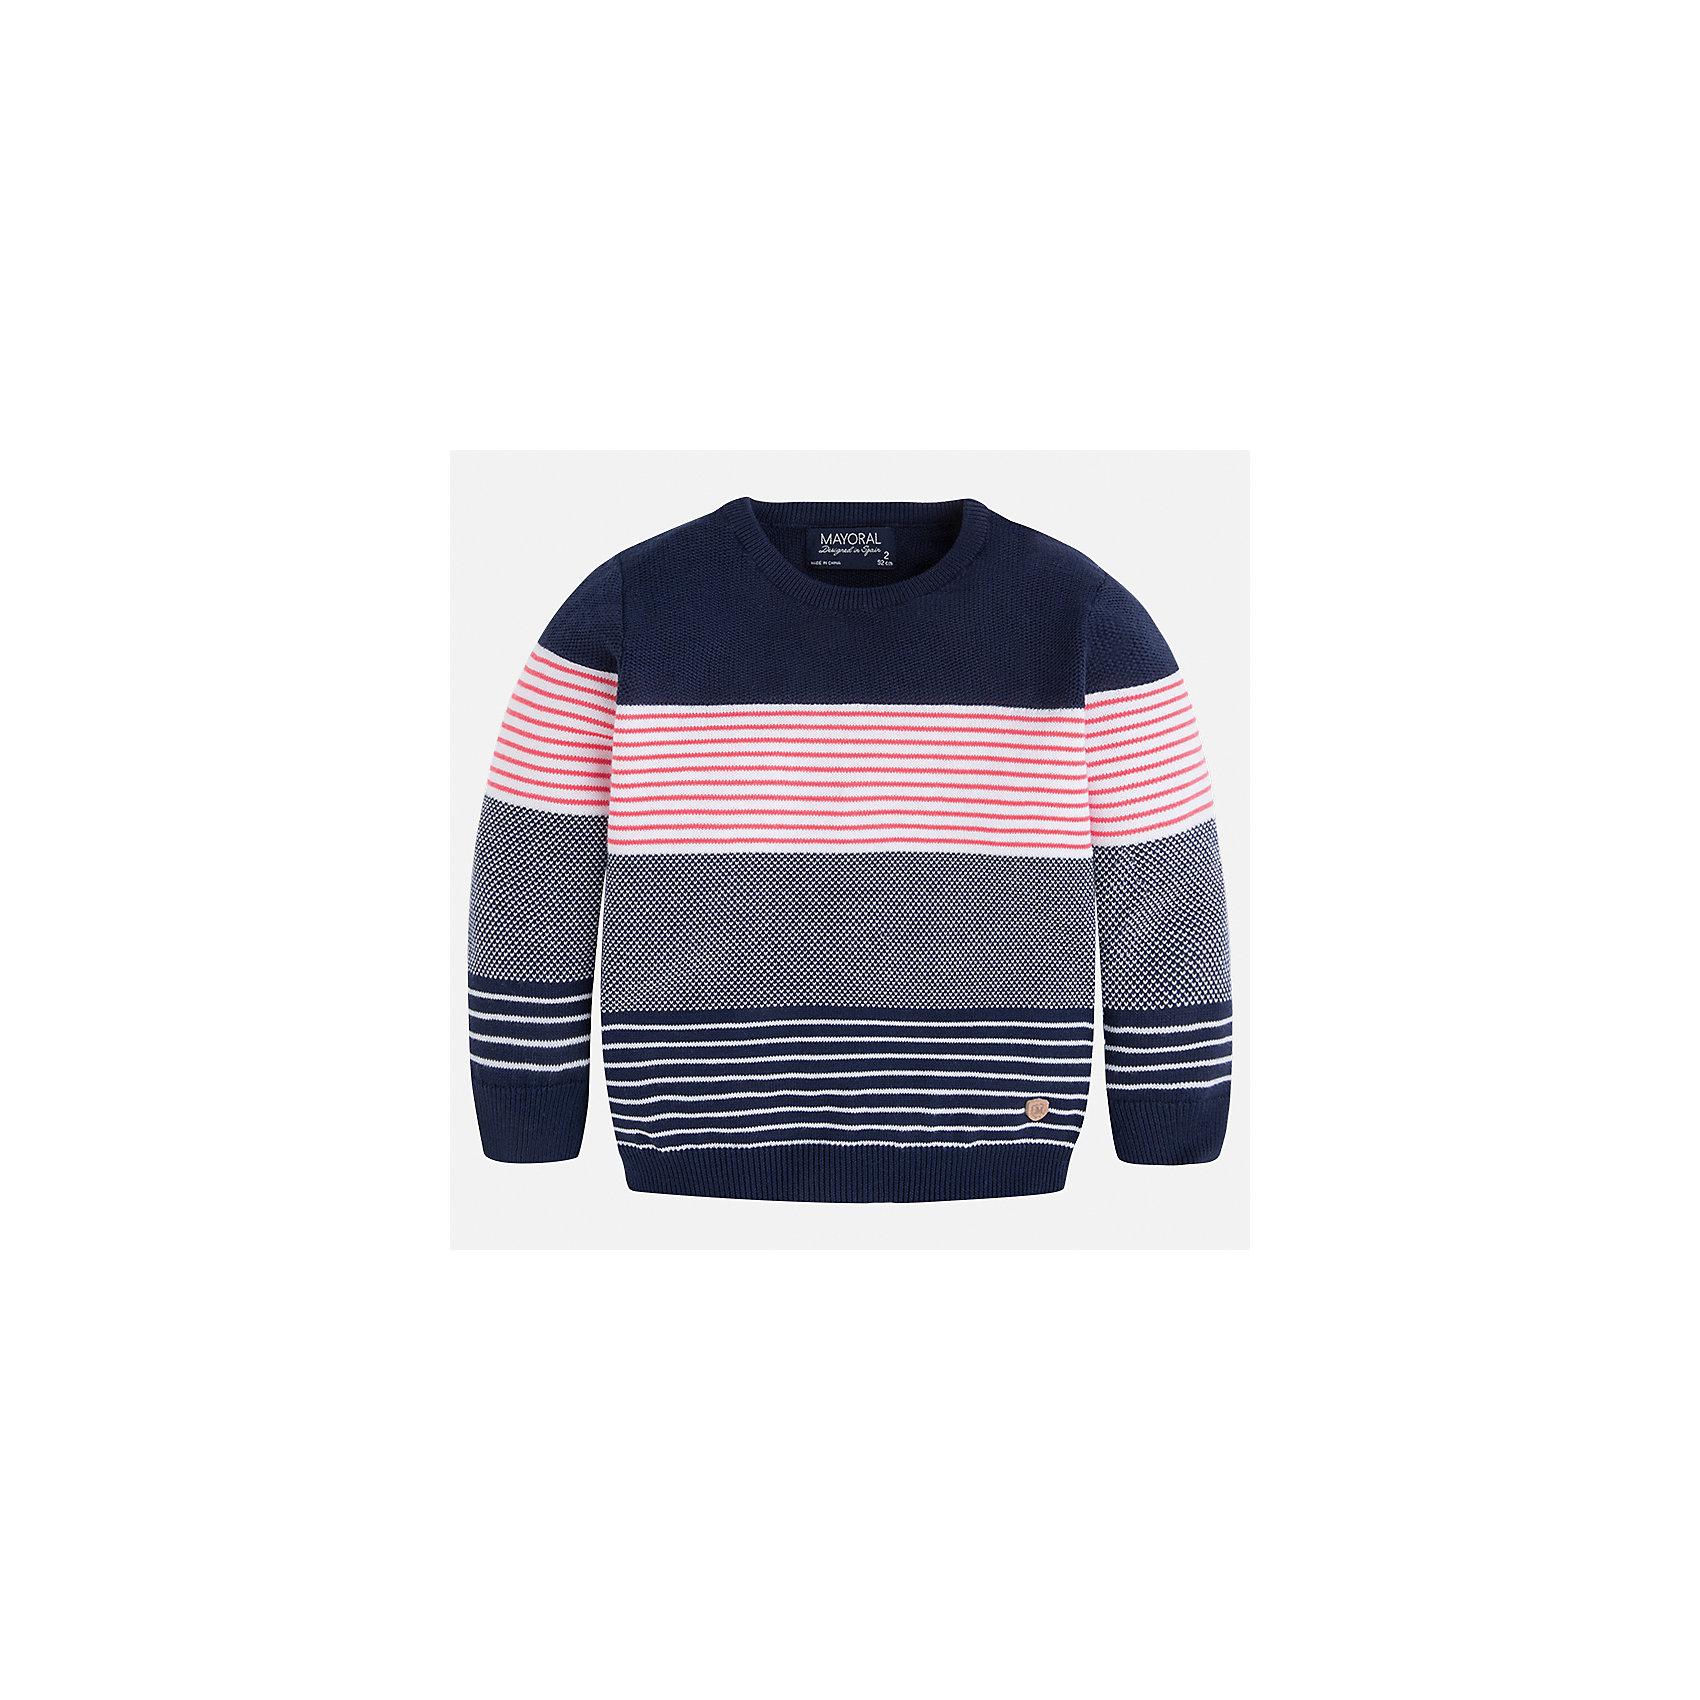 Свитер для мальчика MayoralСвитера и кардиганы<br>Характеристики товара:<br><br>• цвет: синий/серый/розовый<br>• состав: 100% хлопок<br>• рукава длинные <br>• вязаный узор<br>• округлая горловина<br>• манжеты<br>• страна бренда: Испания<br><br>Удобный и красивый свитер для мальчика поможет разнообразить гардероб ребенка и обеспечить тепло. Он отлично сочетается и с джинсами, и с брюками. Универсальный цвет позволяет подобрать к вещи низ различных расцветок. Интересная отделка модели делает её нарядной и оригинальной. В составе материала - только натуральный хлопок, гипоаллергенный, приятный на ощупь, дышащий.<br><br>Одежда, обувь и аксессуары от испанского бренда Mayoral полюбились детям и взрослым по всему миру. Модели этой марки - стильные и удобные. Для их производства используются только безопасные, качественные материалы и фурнитура. Порадуйте ребенка модными и красивыми вещами от Mayoral! <br><br>Свитер для мальчика от испанского бренда Mayoral (Майорал) можно купить в нашем интернет-магазине.<br><br>Ширина мм: 190<br>Глубина мм: 74<br>Высота мм: 229<br>Вес г: 236<br>Цвет: розовый<br>Возраст от месяцев: 48<br>Возраст до месяцев: 60<br>Пол: Мужской<br>Возраст: Детский<br>Размер: 110,104,98,92,134,128,122,116<br>SKU: 5272774